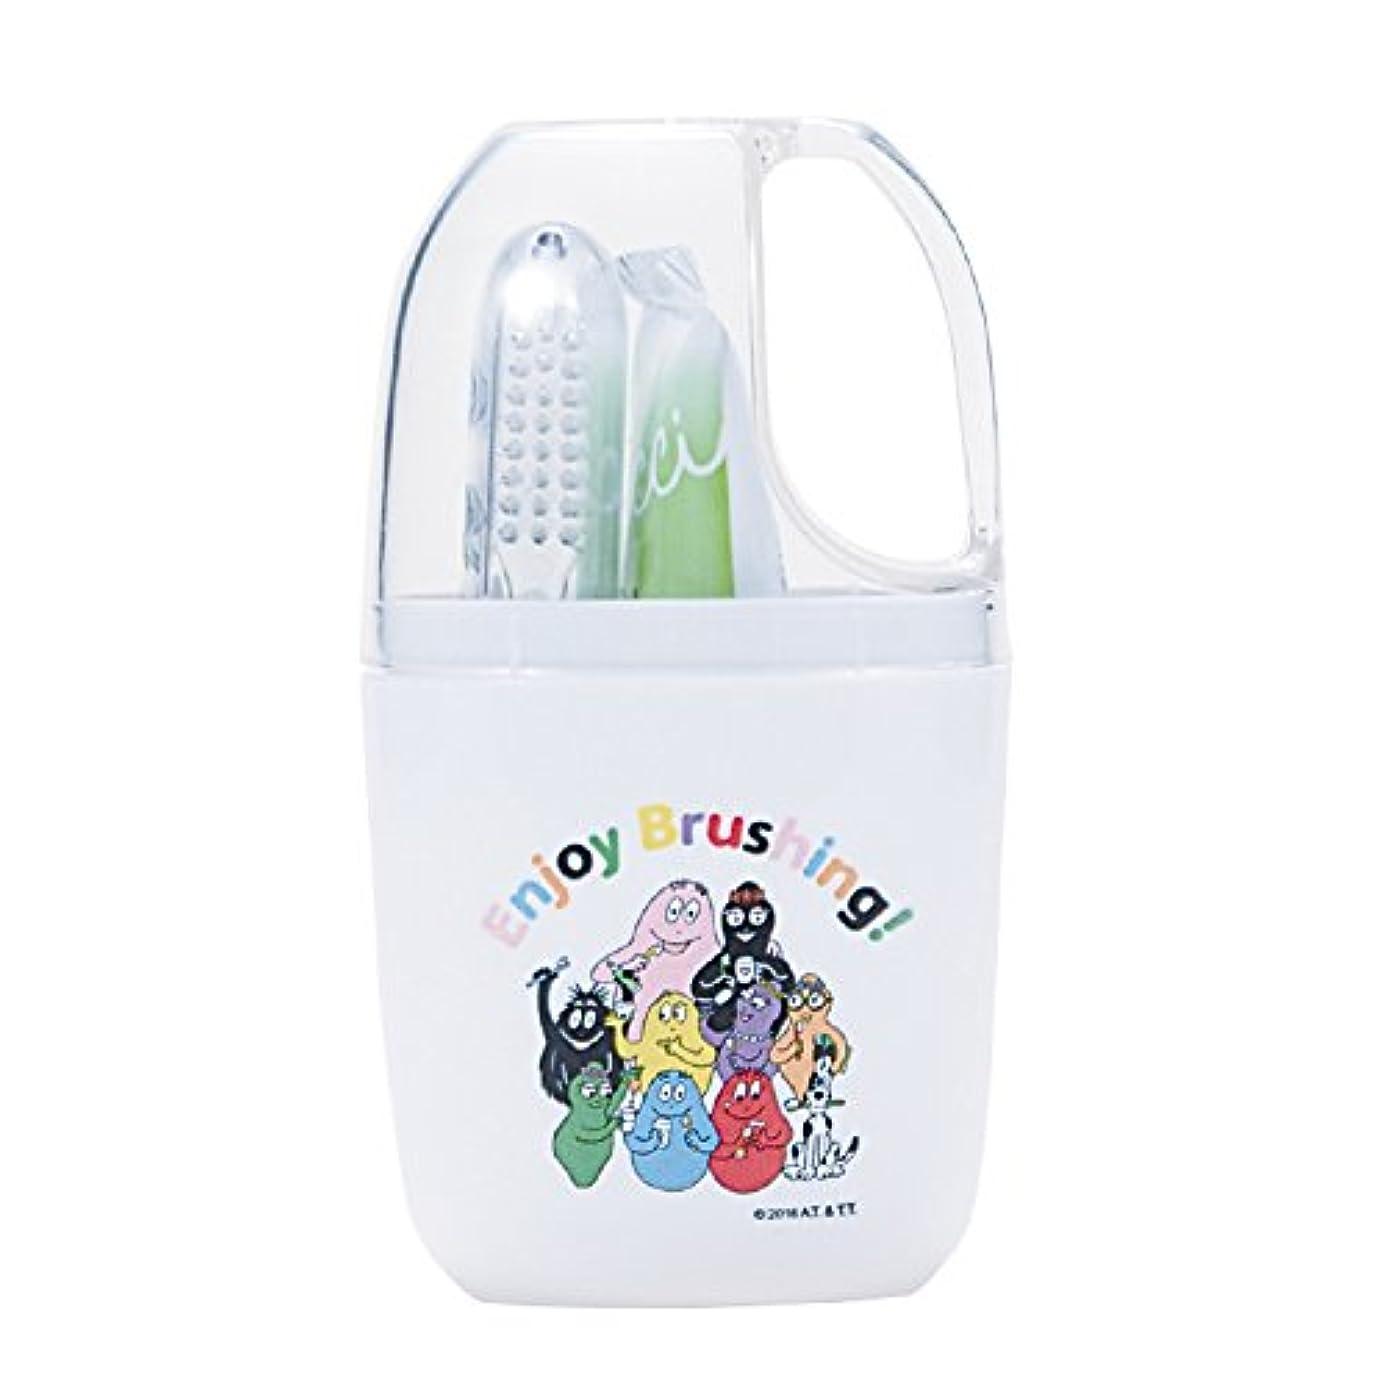 かもしれない偏心カップルCi バーバパパ トラベルセット 歯ブラシ (コップ付きセット)